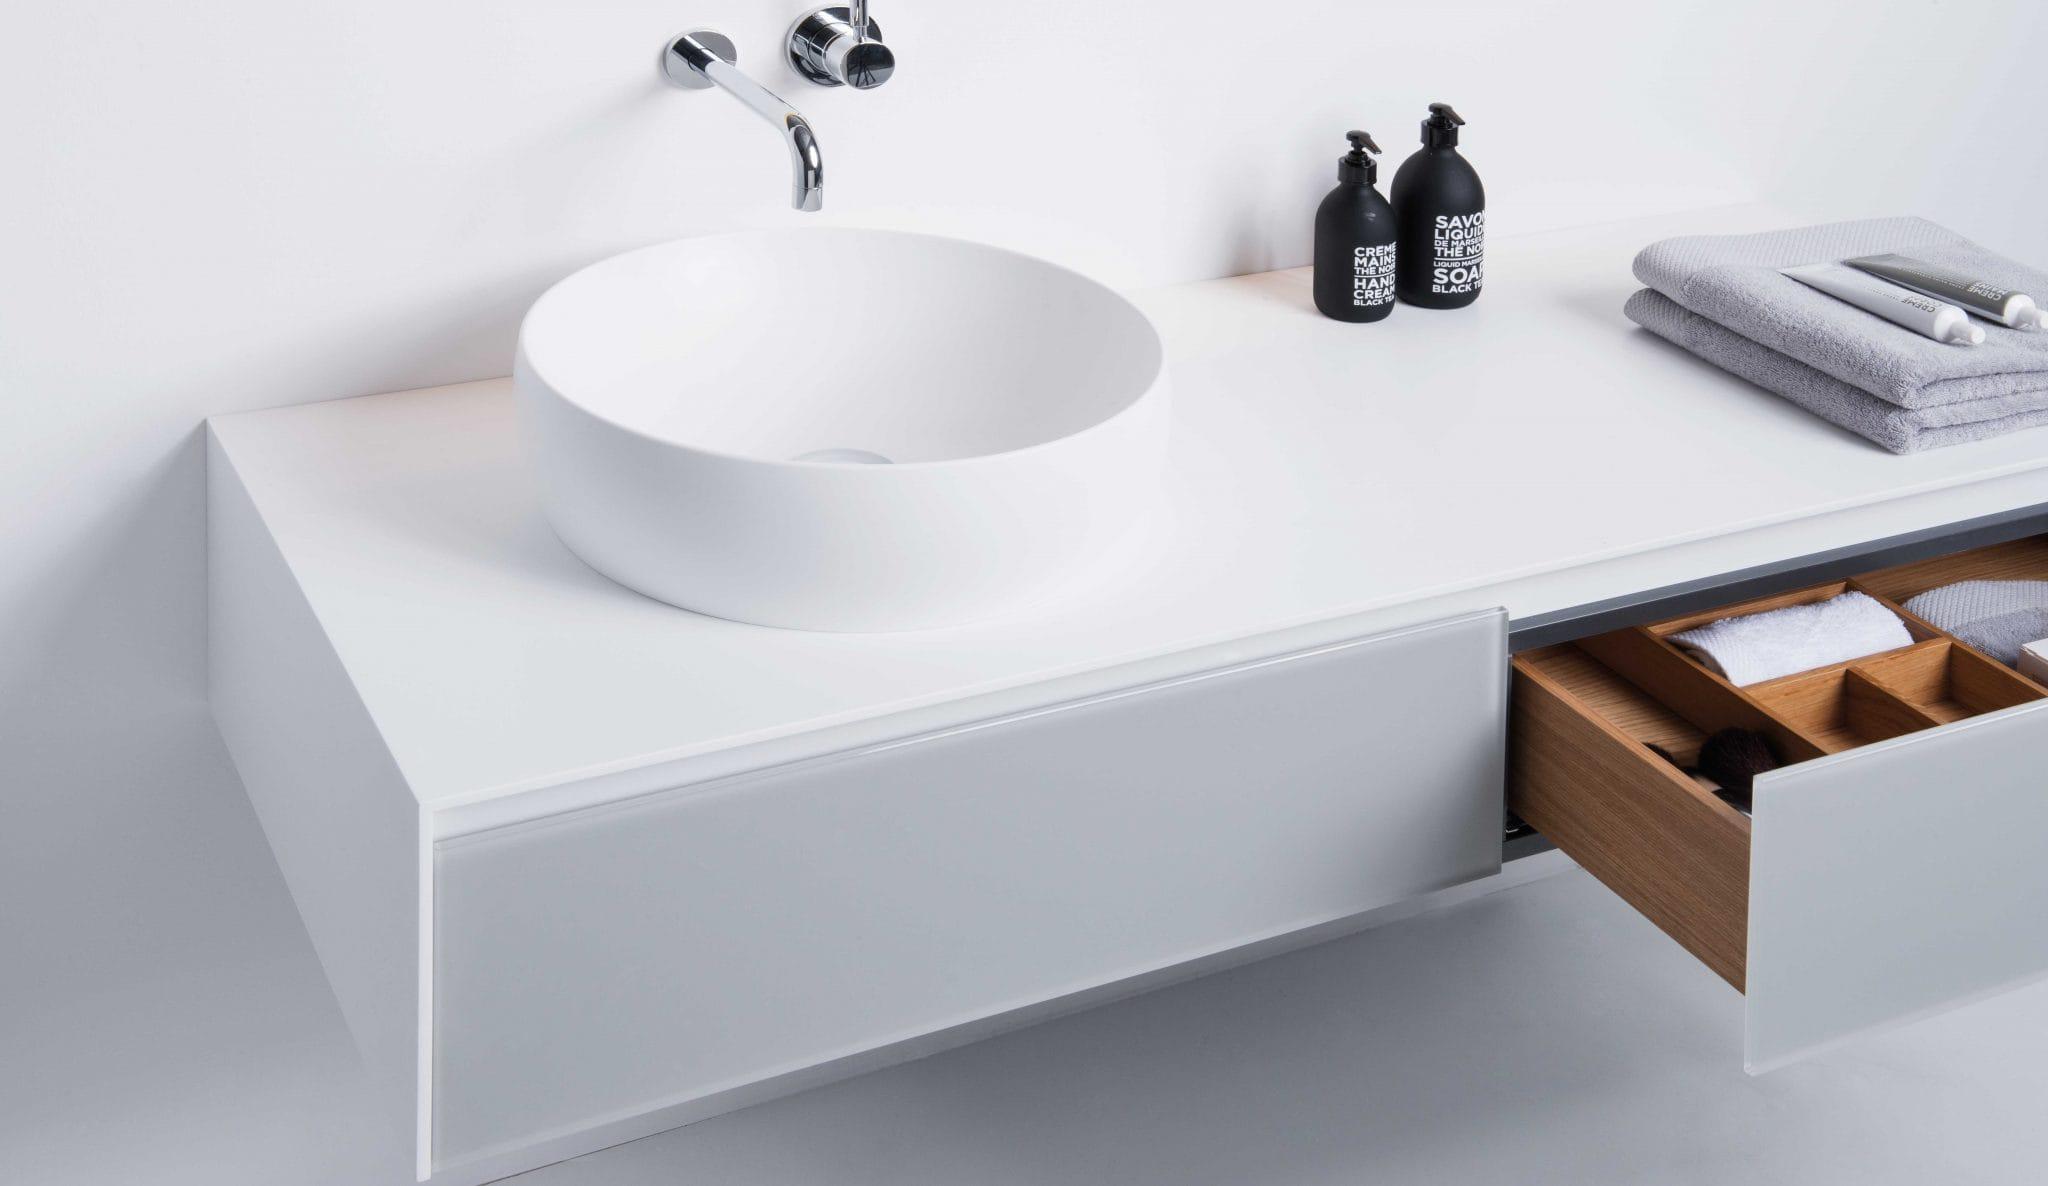 Waschtischunterschränke M2 für Aufsatzbecken